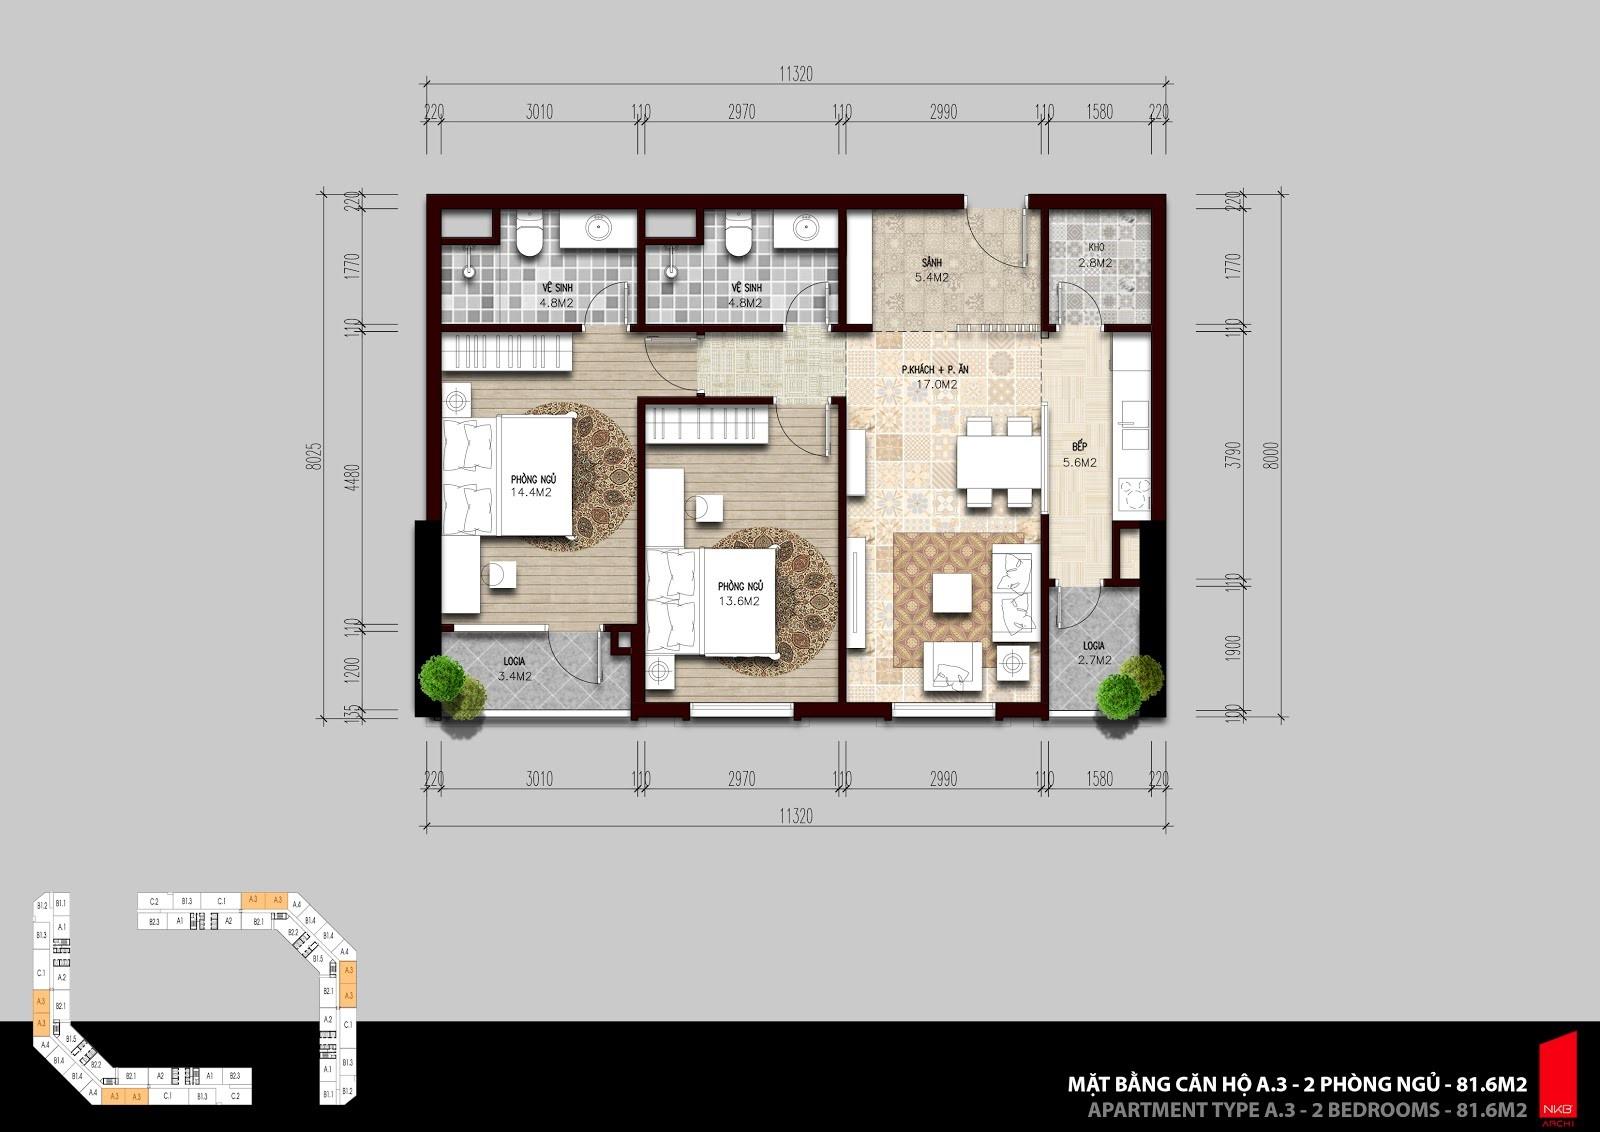 Mặt bằng thiết kế căn hộ The Emerald